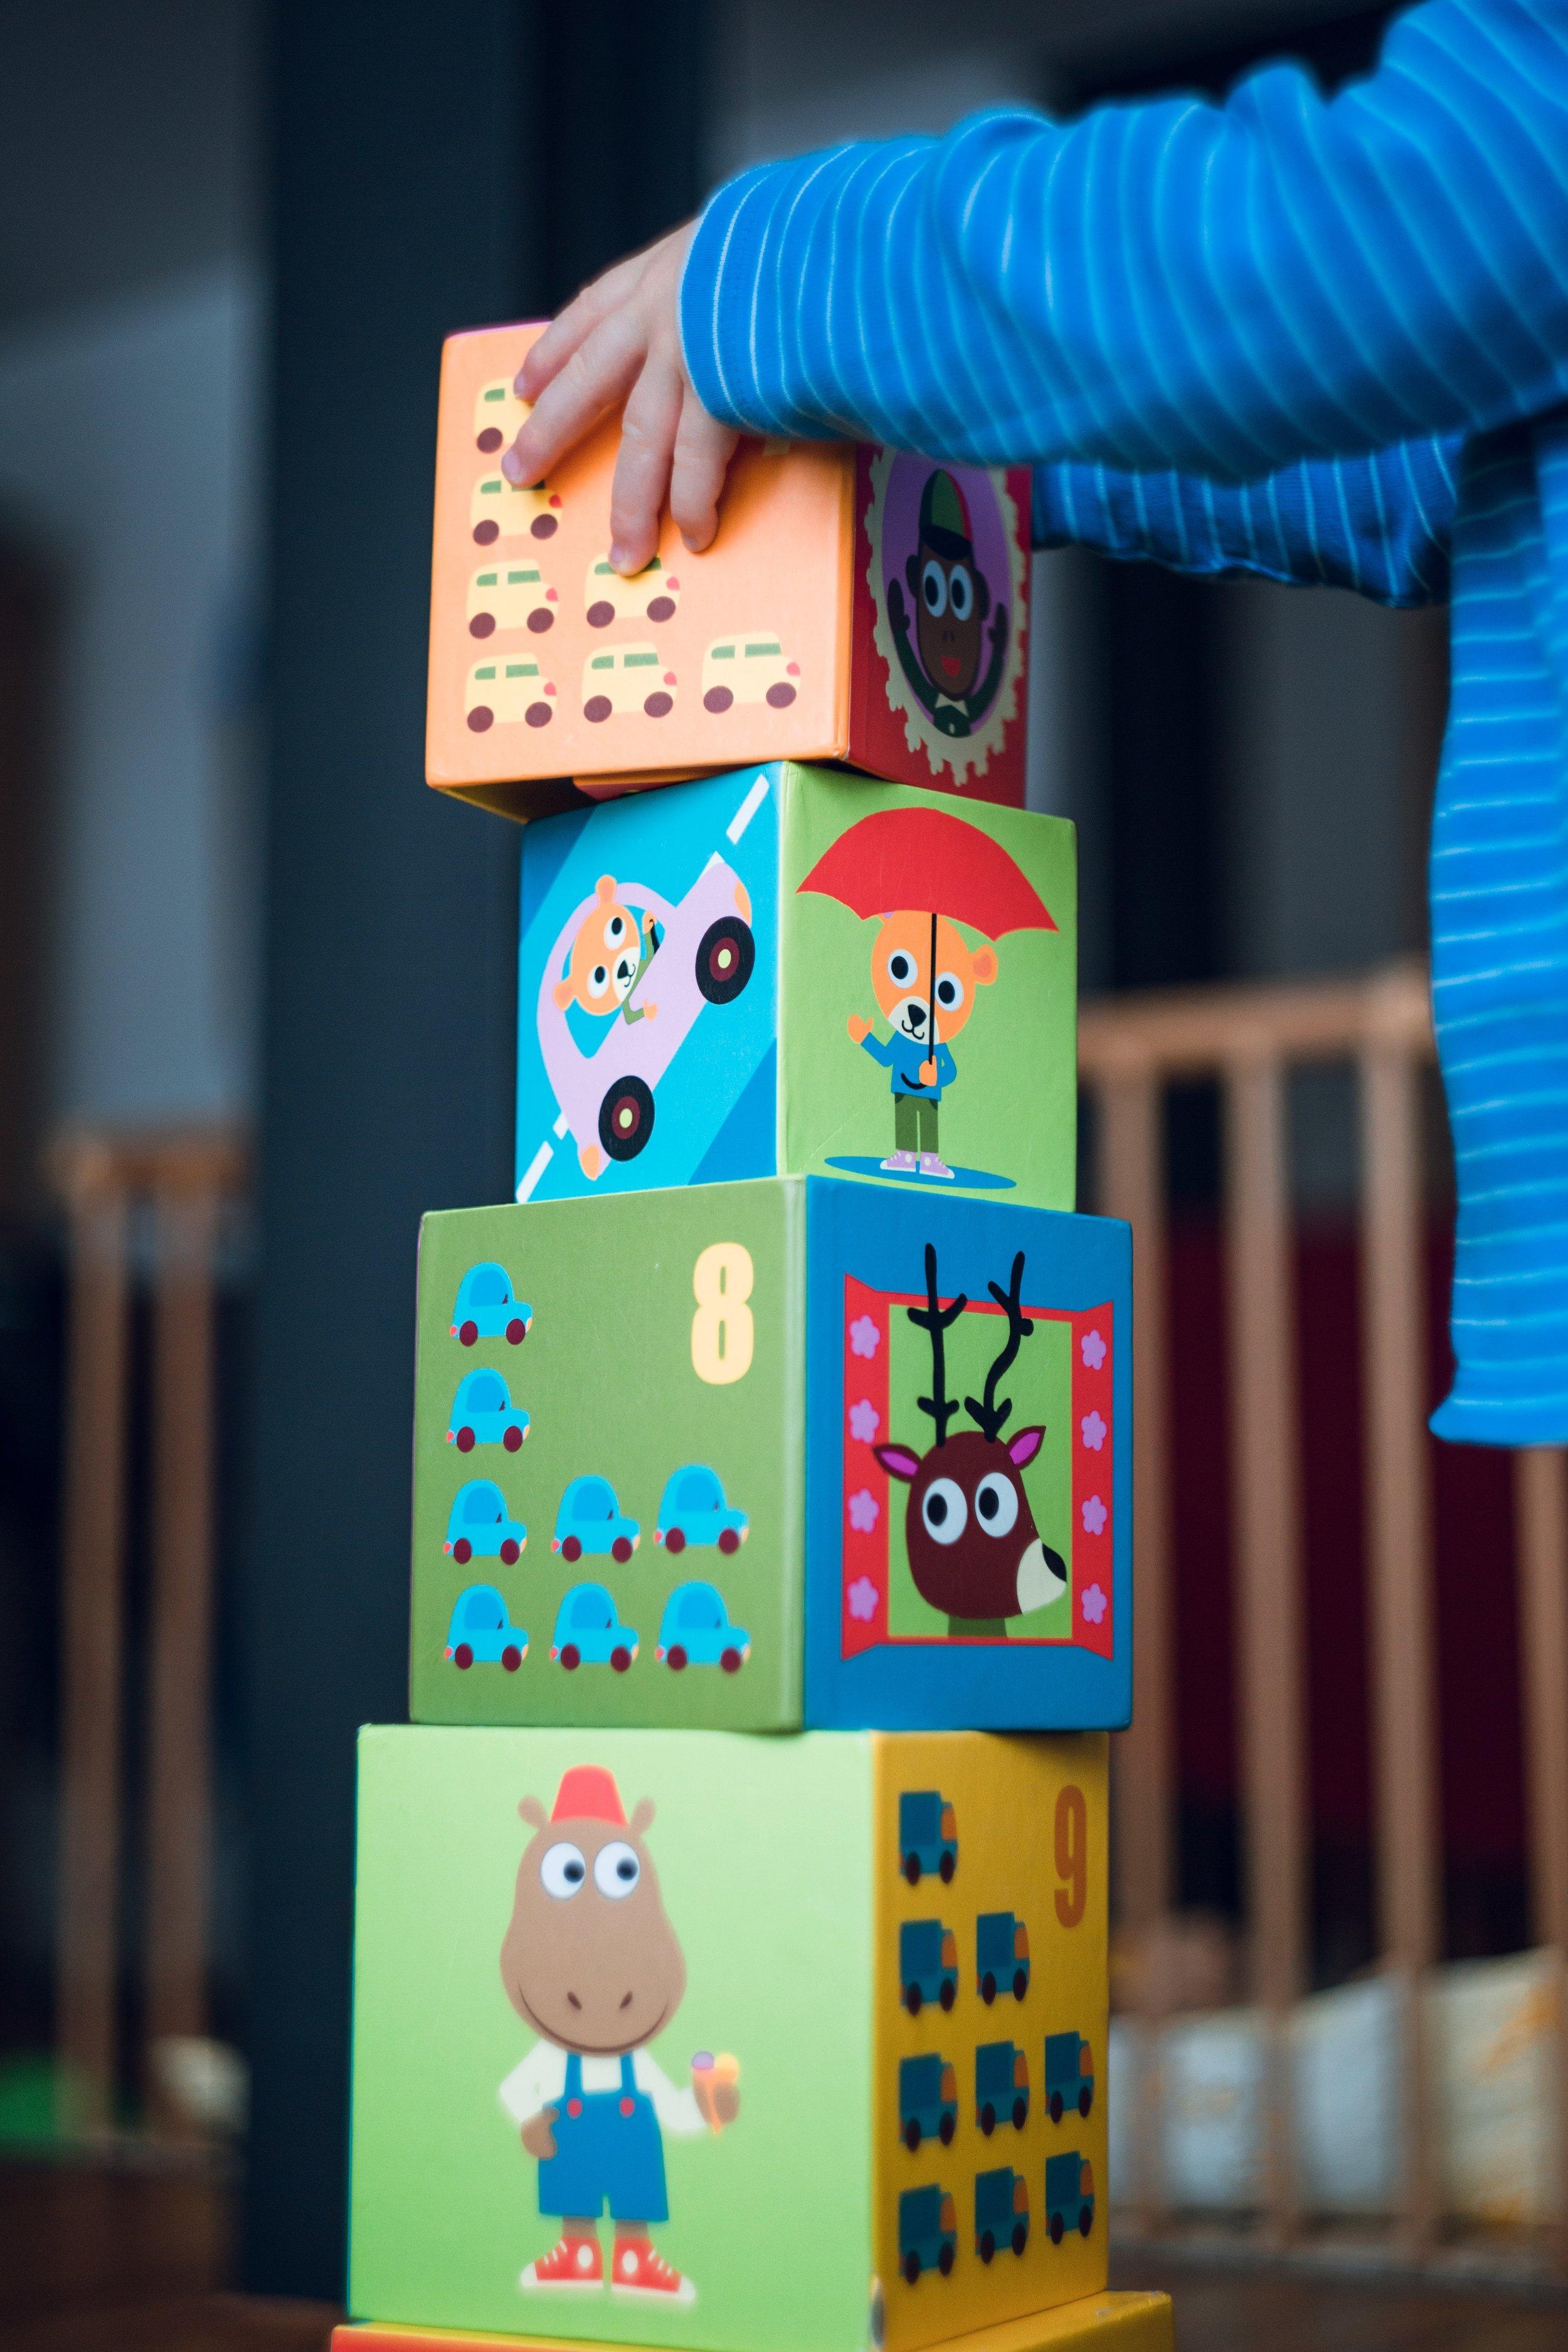 Unsere Vision - Das «Zentrumsmodell» sieht multifunktionale Räume vor, in denen sich unter einem Dach verschiedene Angebote für unterschiedliche Zielgruppen vereinigen. Die Tageseinrichtung für Kinder ist nur ein Teil davon.Erfahren Sie mehr